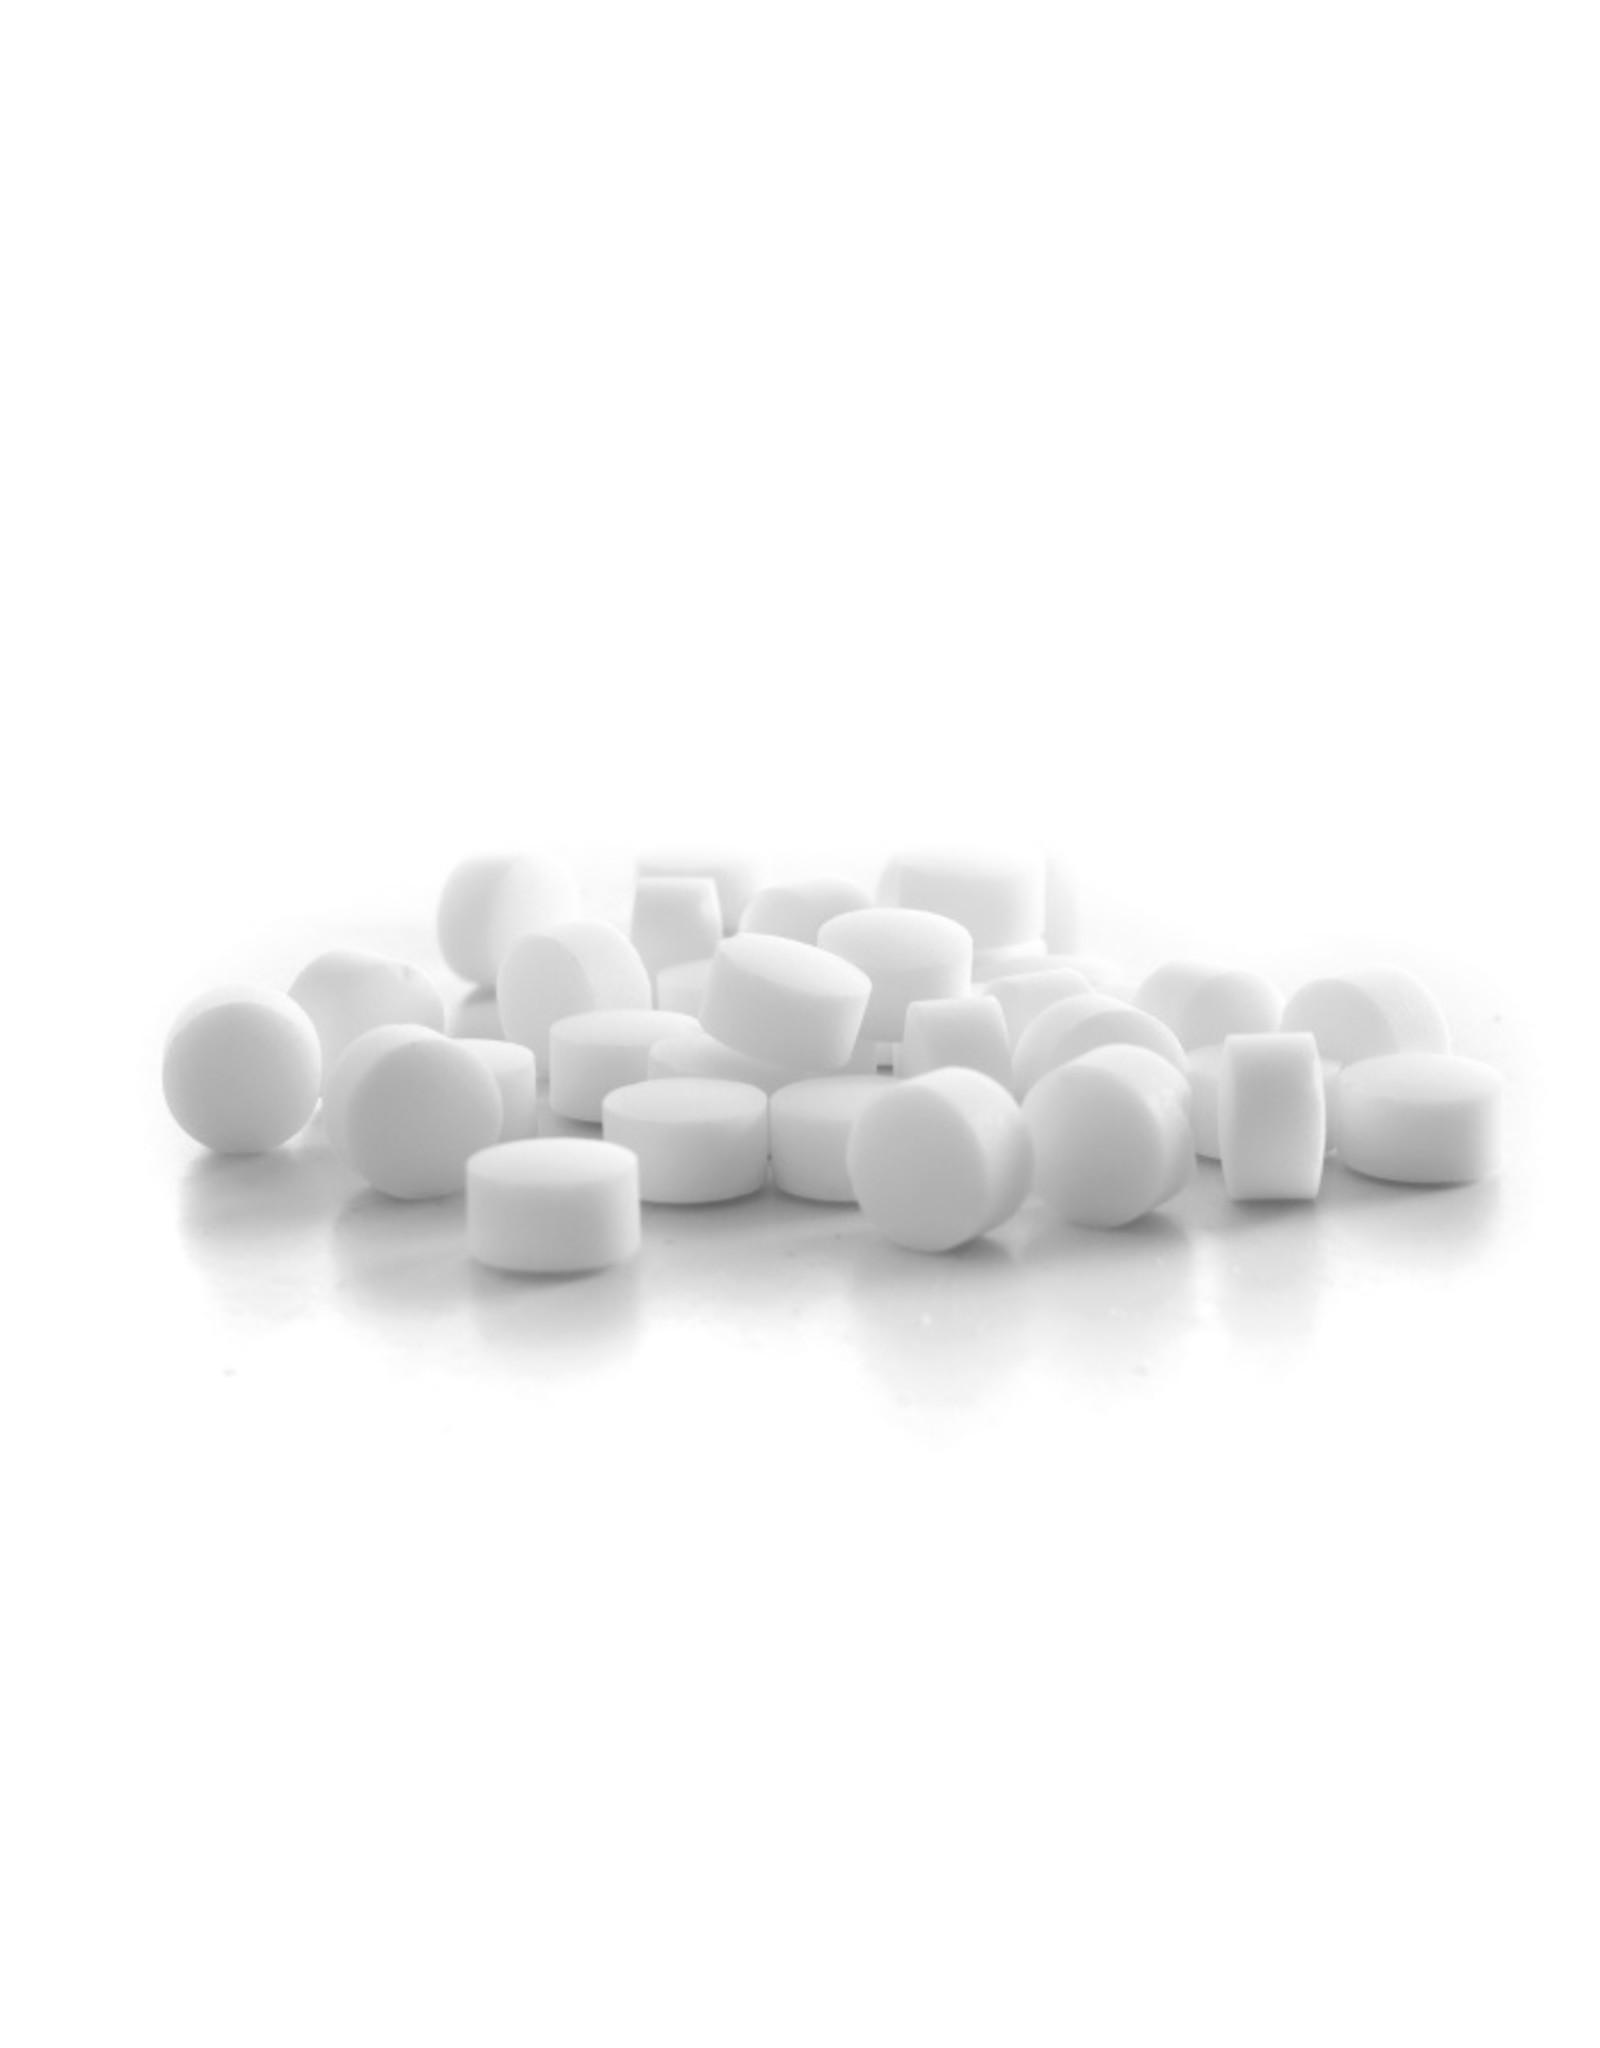 Bwc Zouttabletten 30 kg zout verpakt in 2 zak van 15 kg